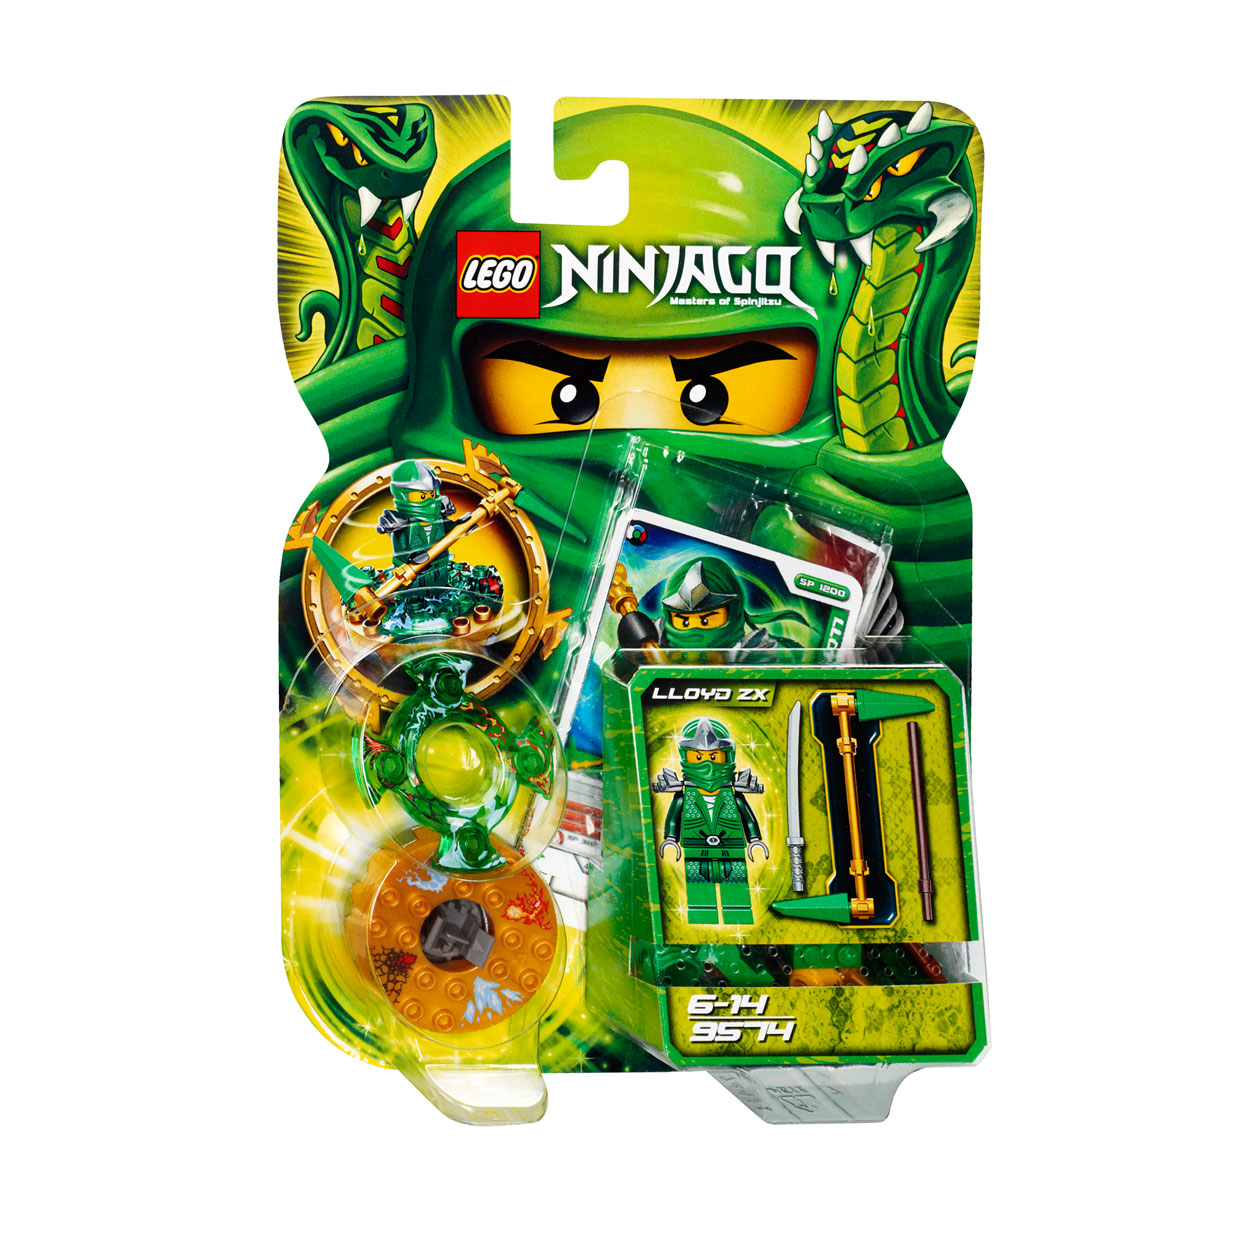 Lego ninjago 9574 lloyd zx online kopen - Ninjago lego lloyd ...